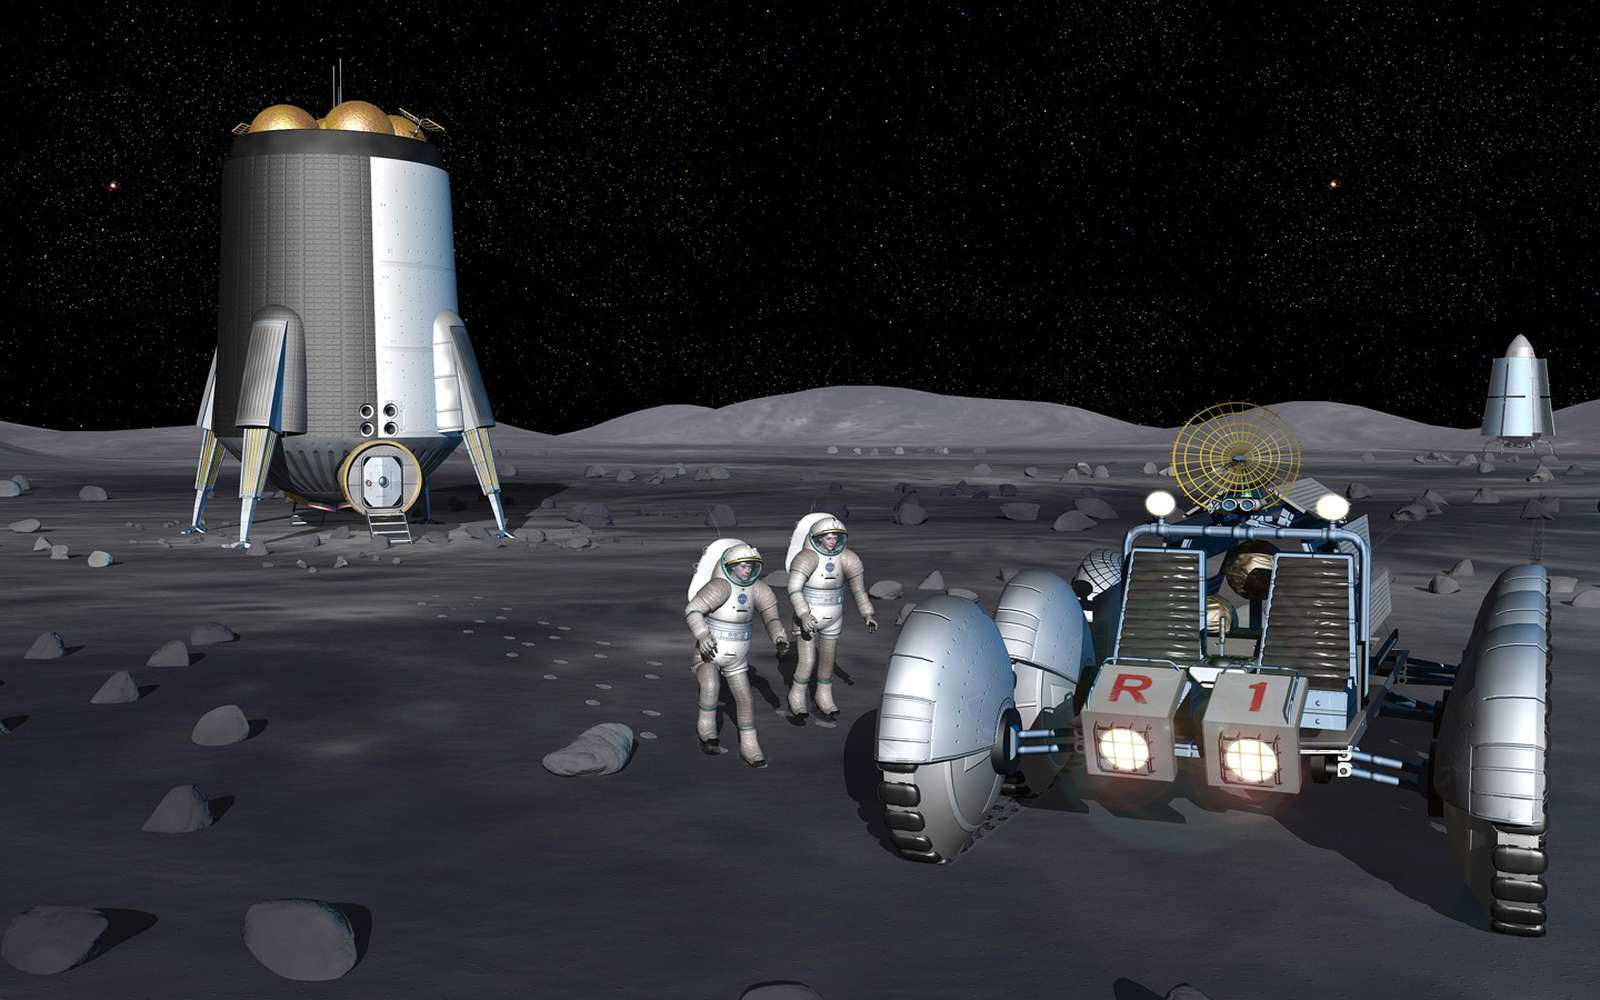 Le retour sur la Lune des Etats-Unis n'est plus envisageable pendant la décennie 2020-2030. Crédit Nasa